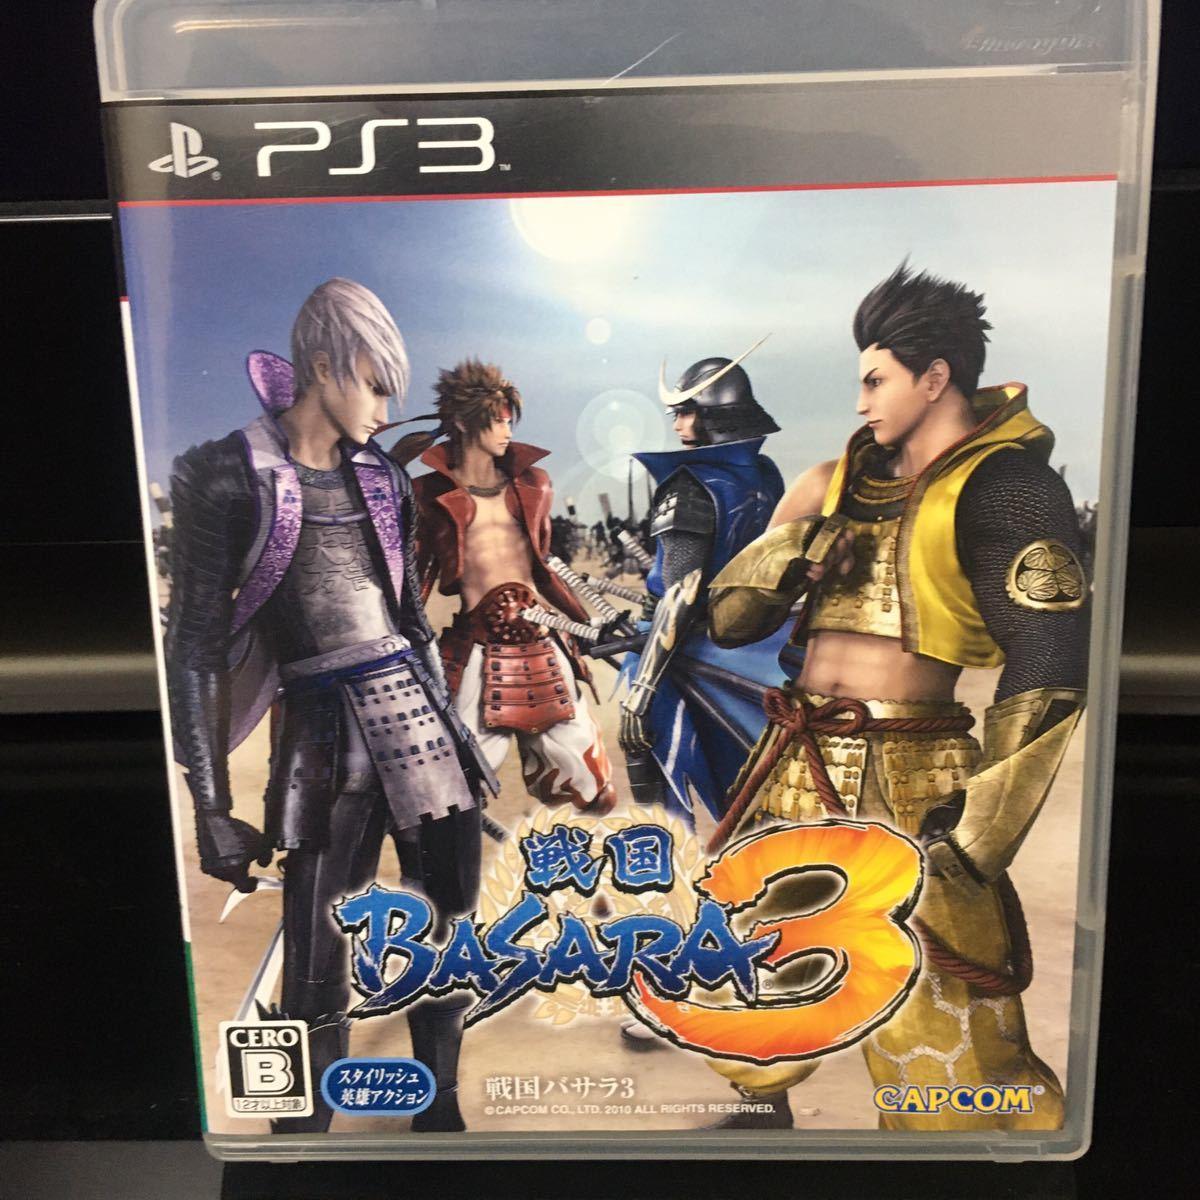 戦国BASARA3 PS3 スタイリッシュ英雄アクション